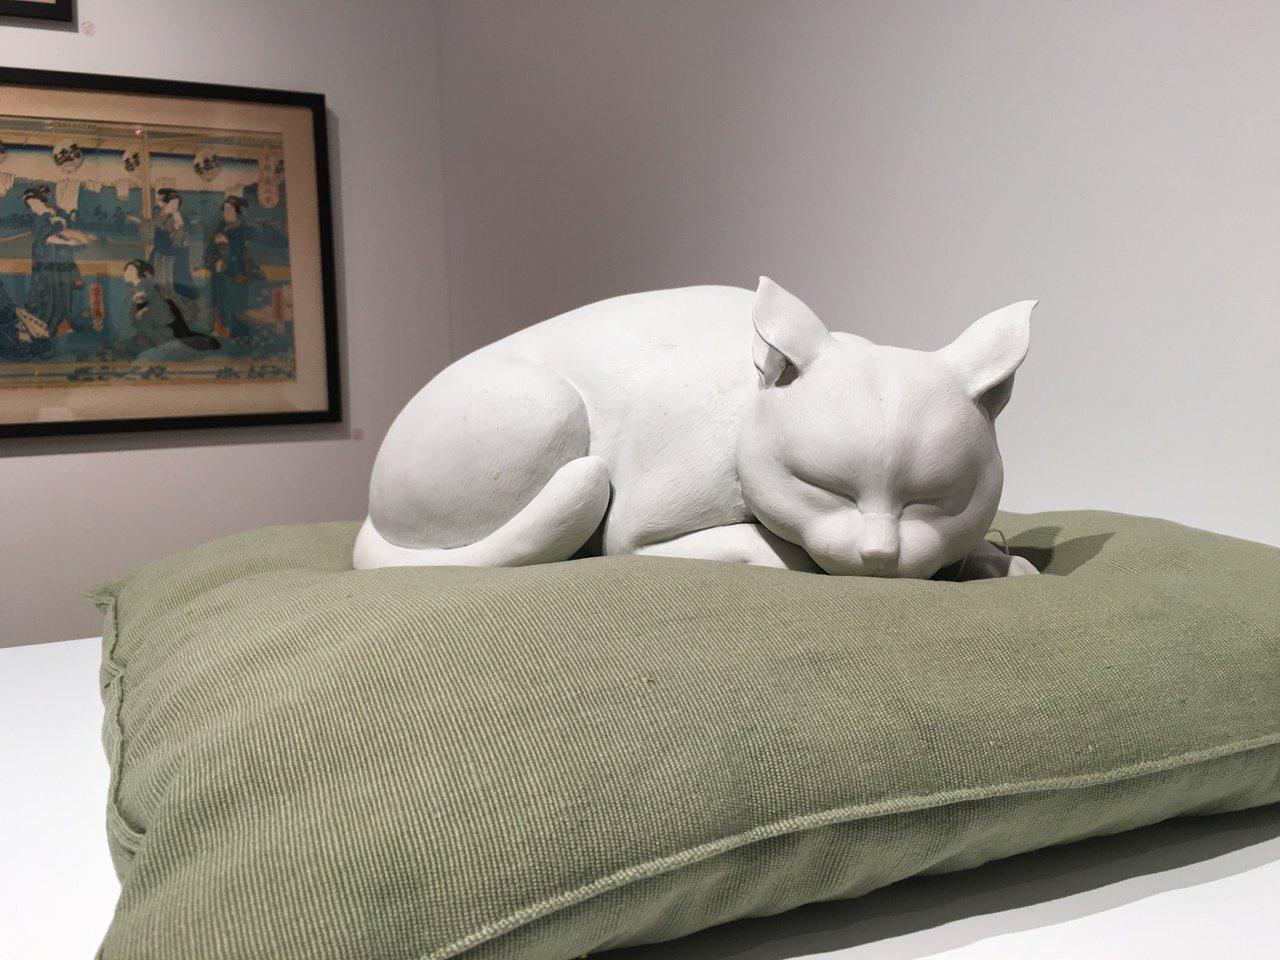 莫內收藏品白色瓷貓,莫內基金會向藏家喊話,希望讓白貓回家。記者王惠琳/攝影